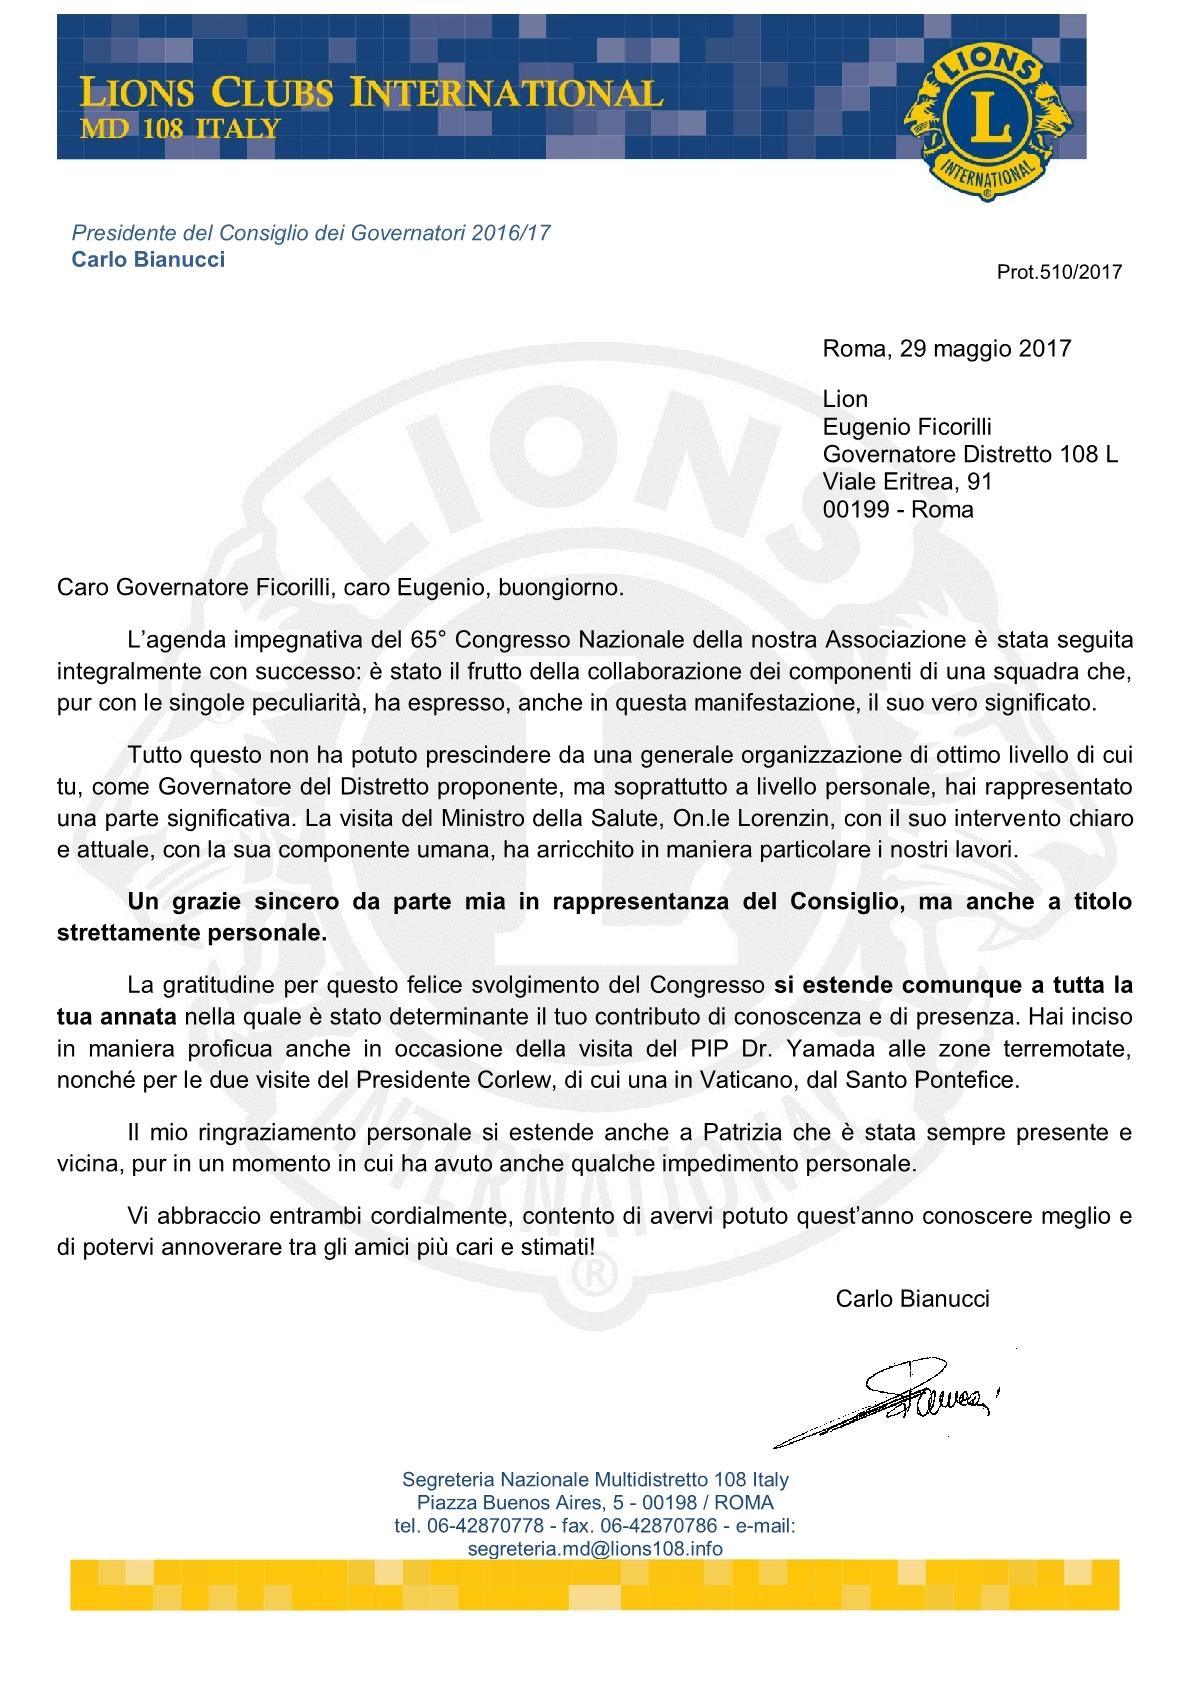 lettera-cc-per-dg-ficorilli1